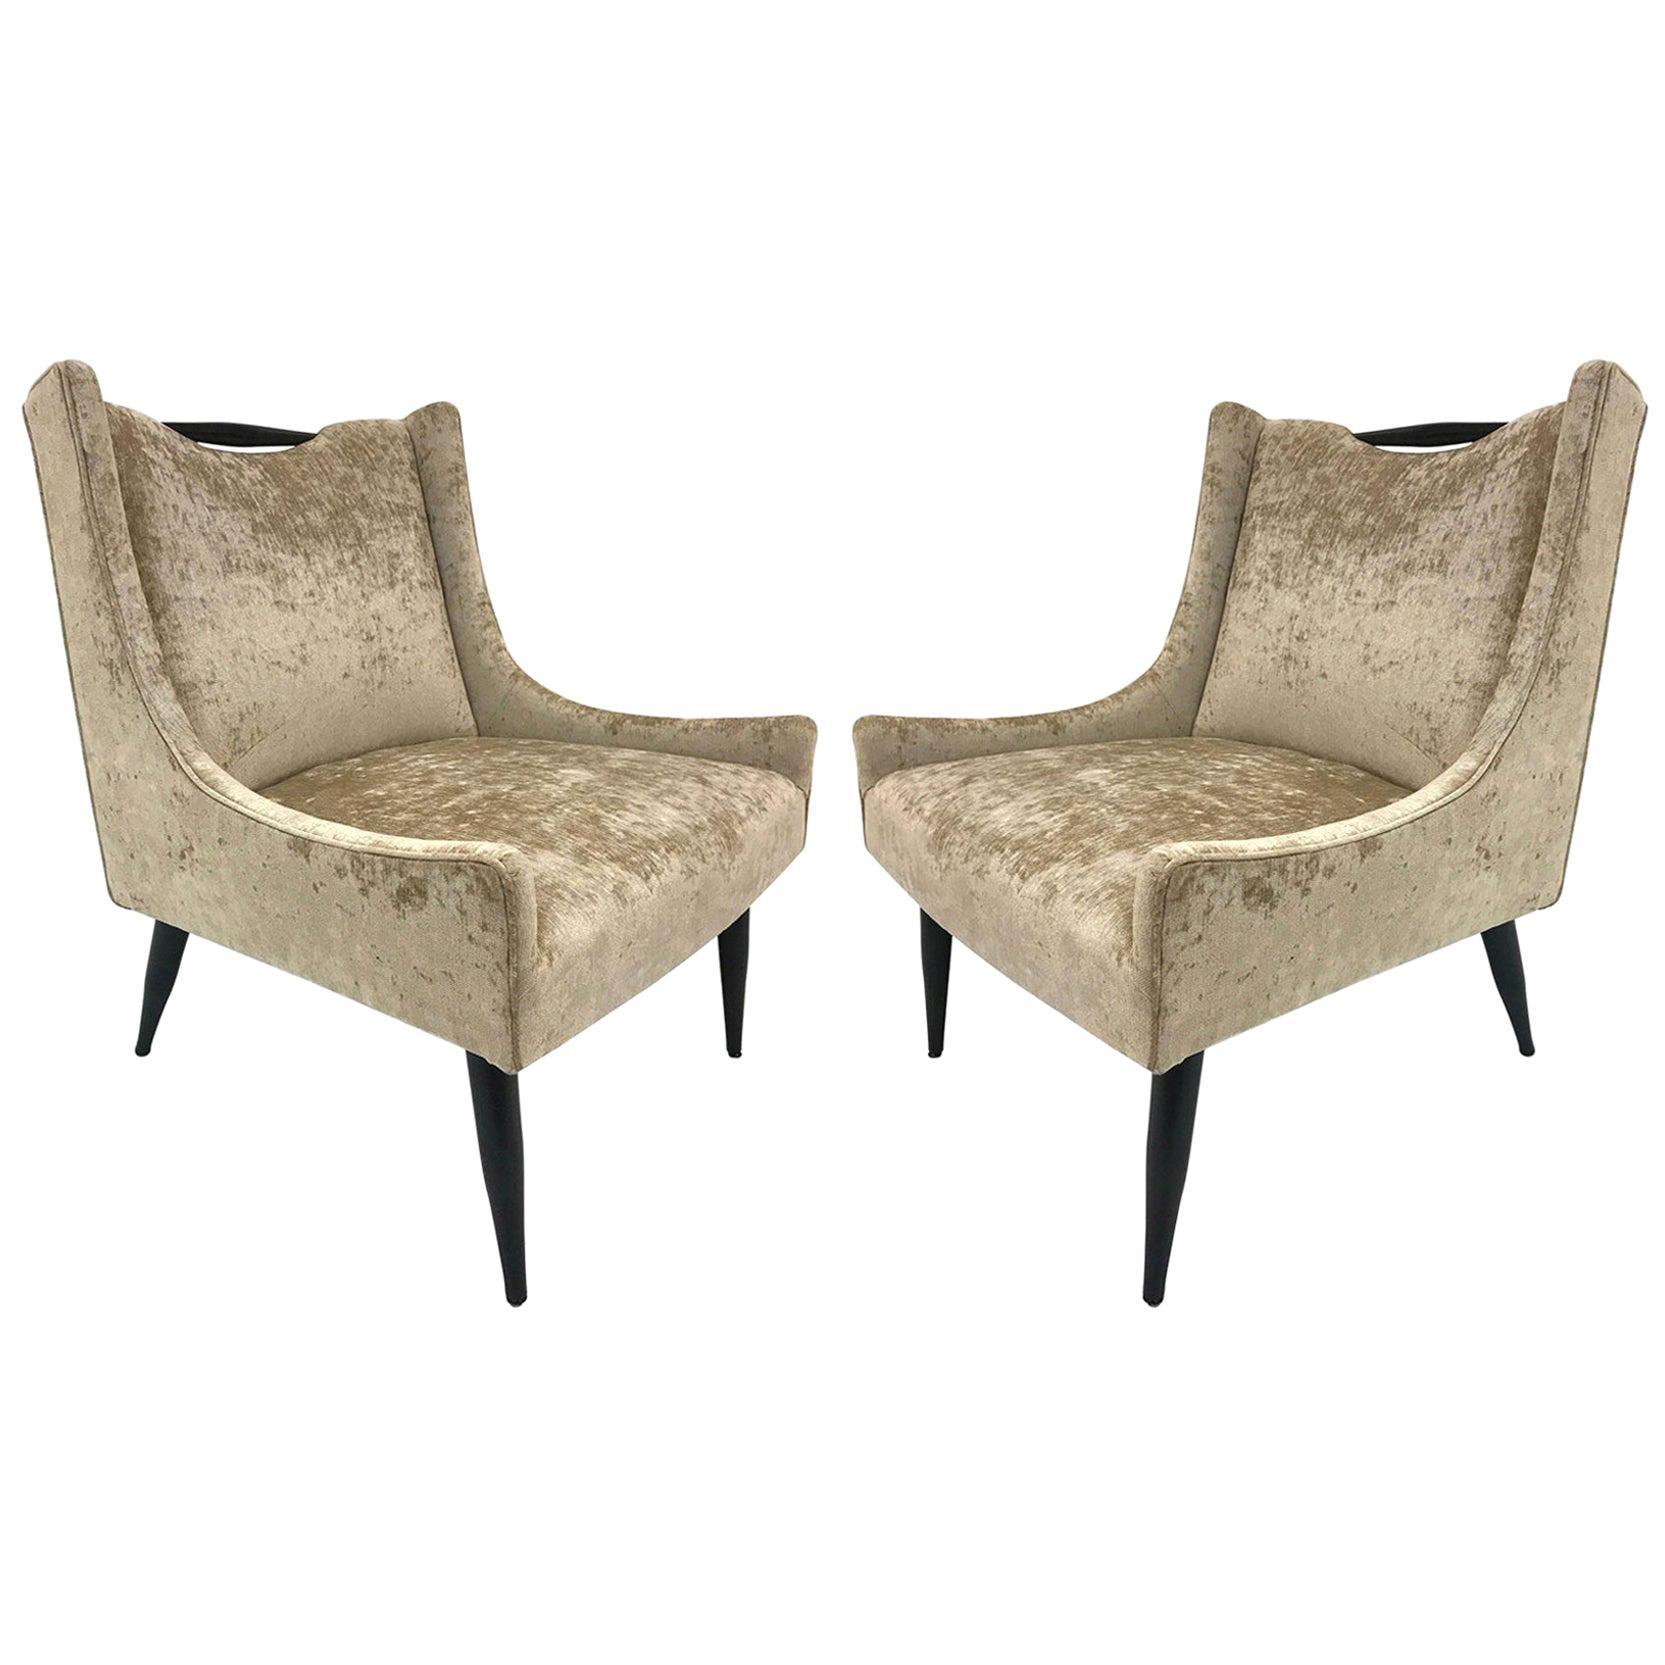 Pair of Harvey Probber Style Slipper Chairs in Velvet